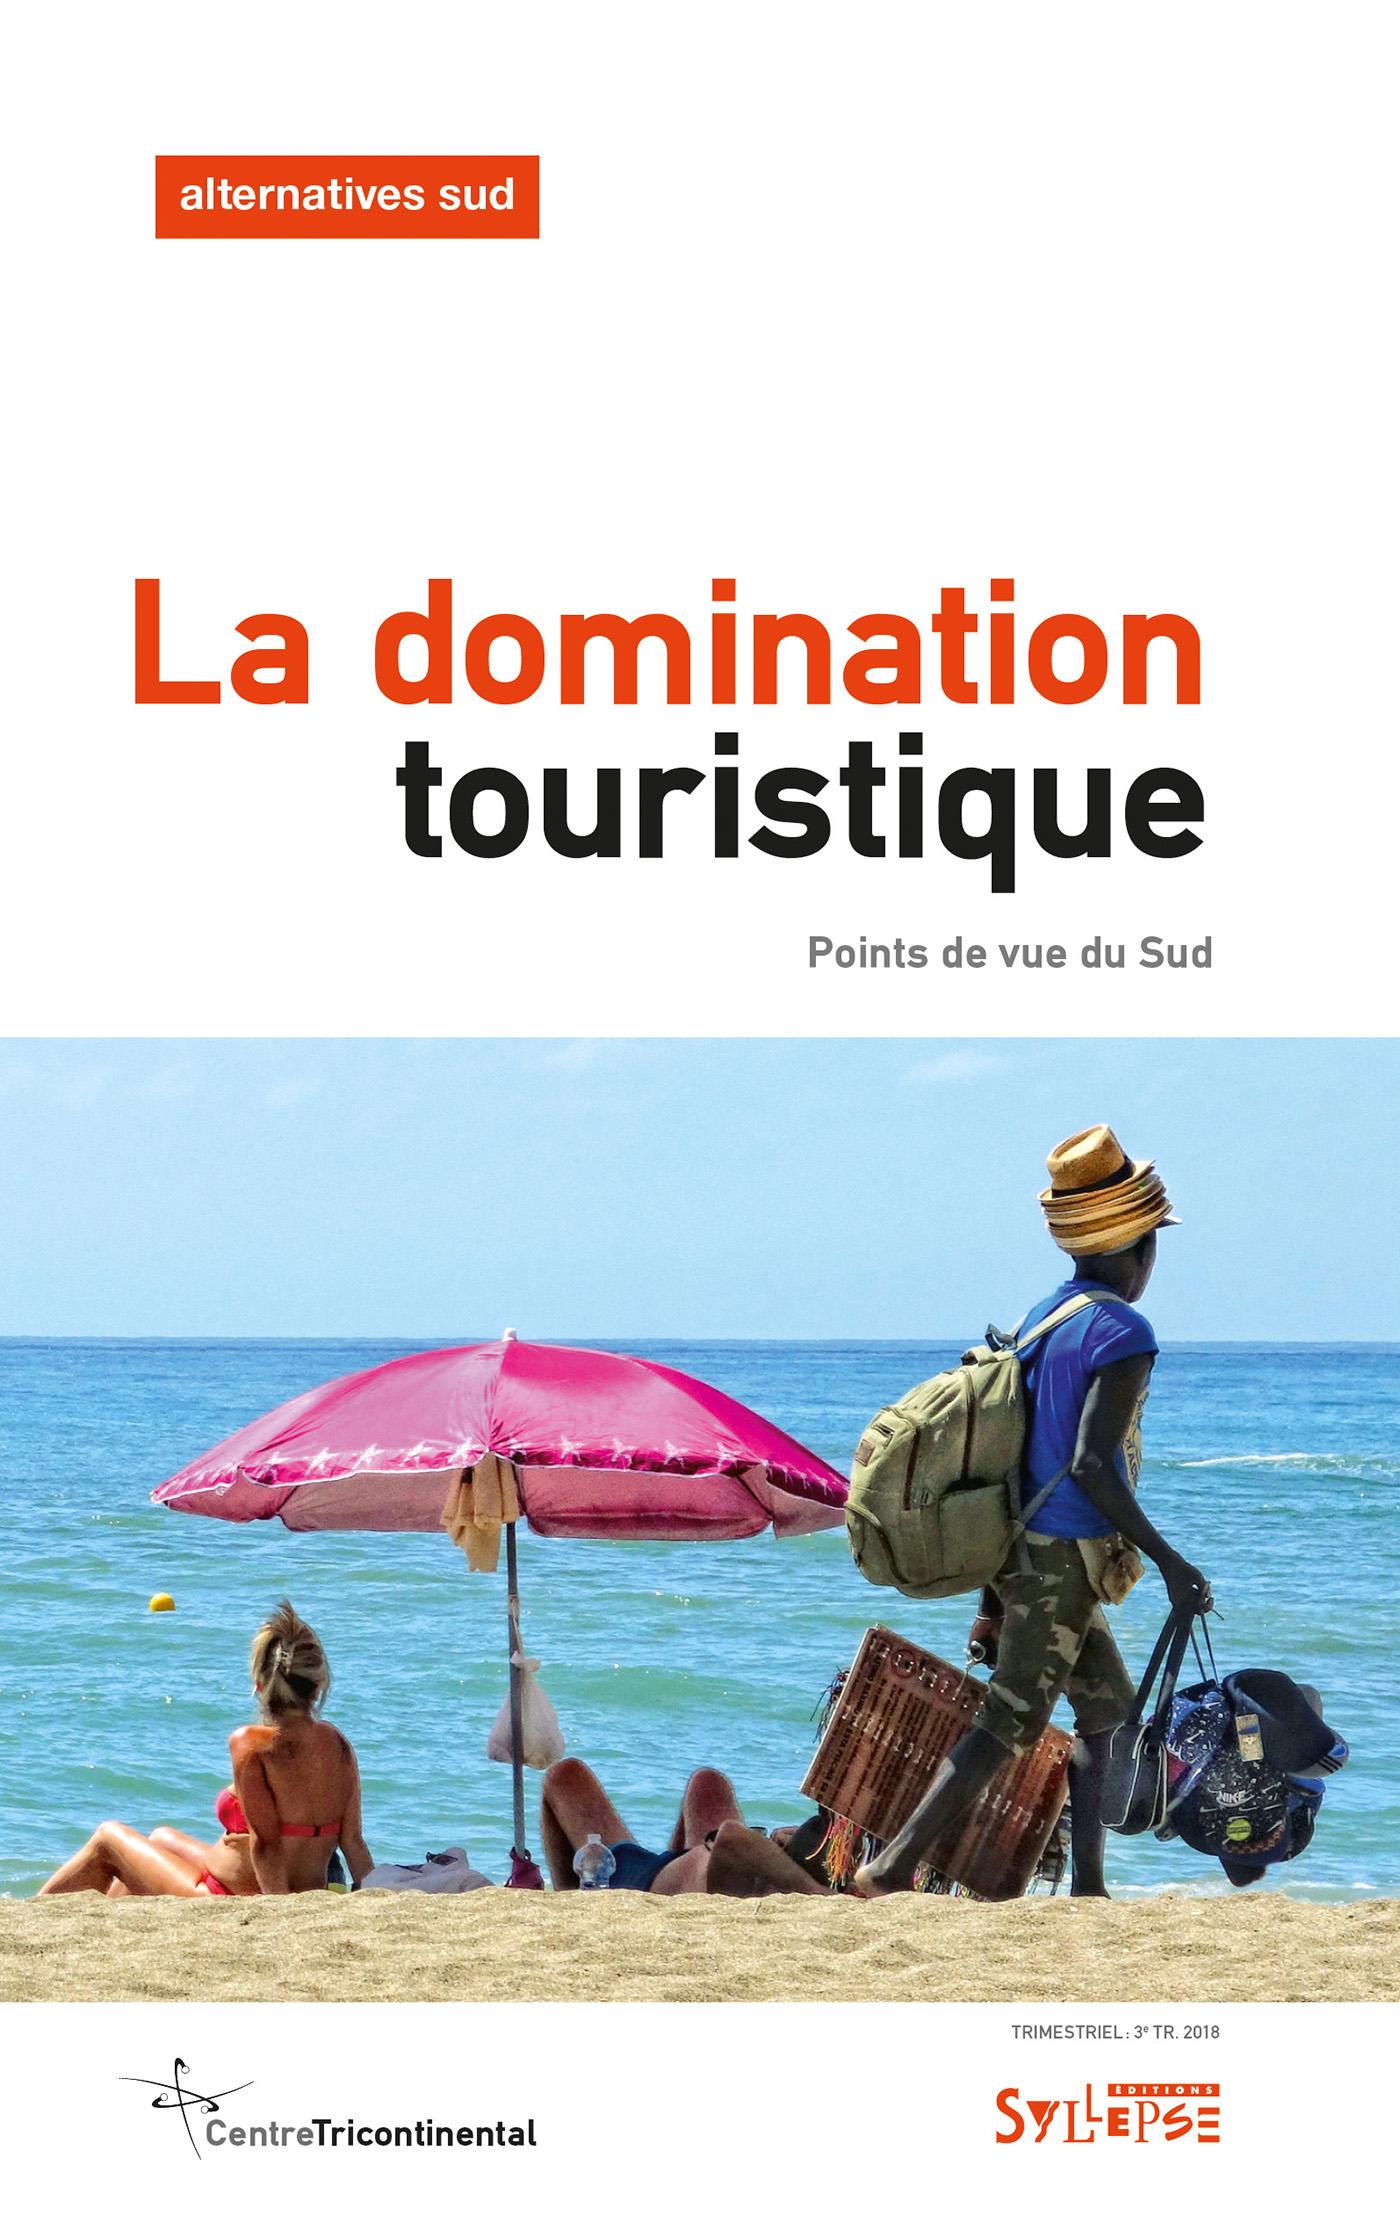 La domination touristique